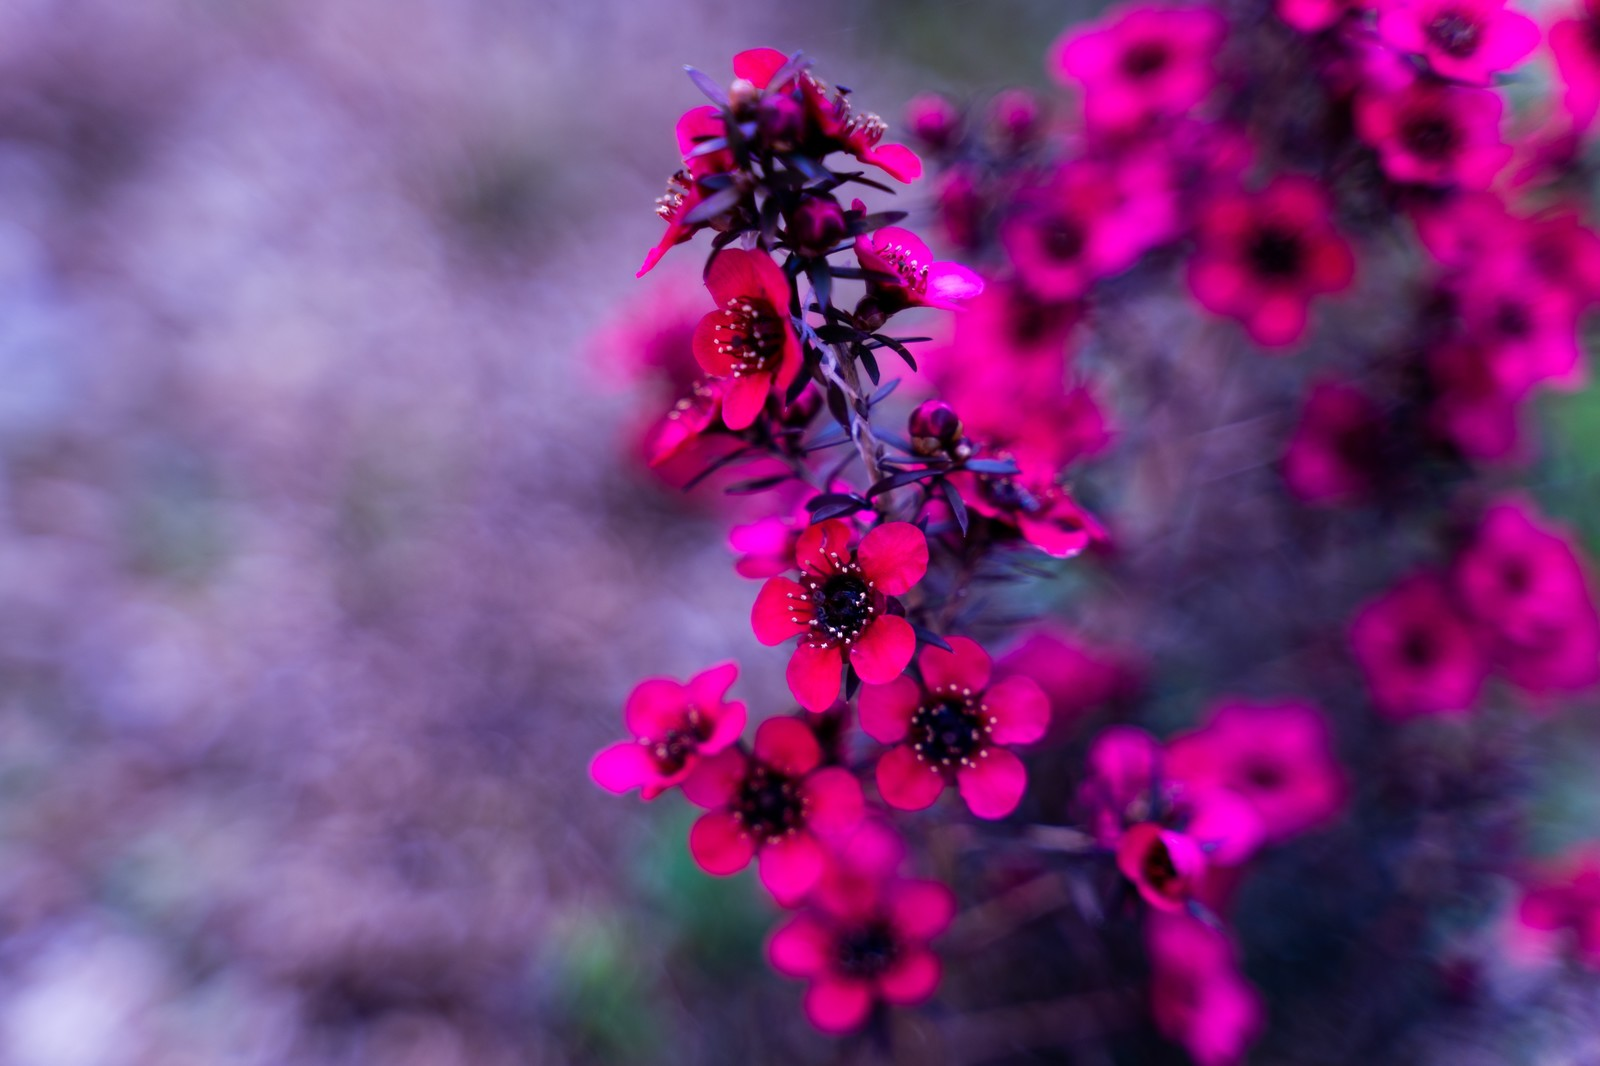 「ピンク色を発する花」の写真